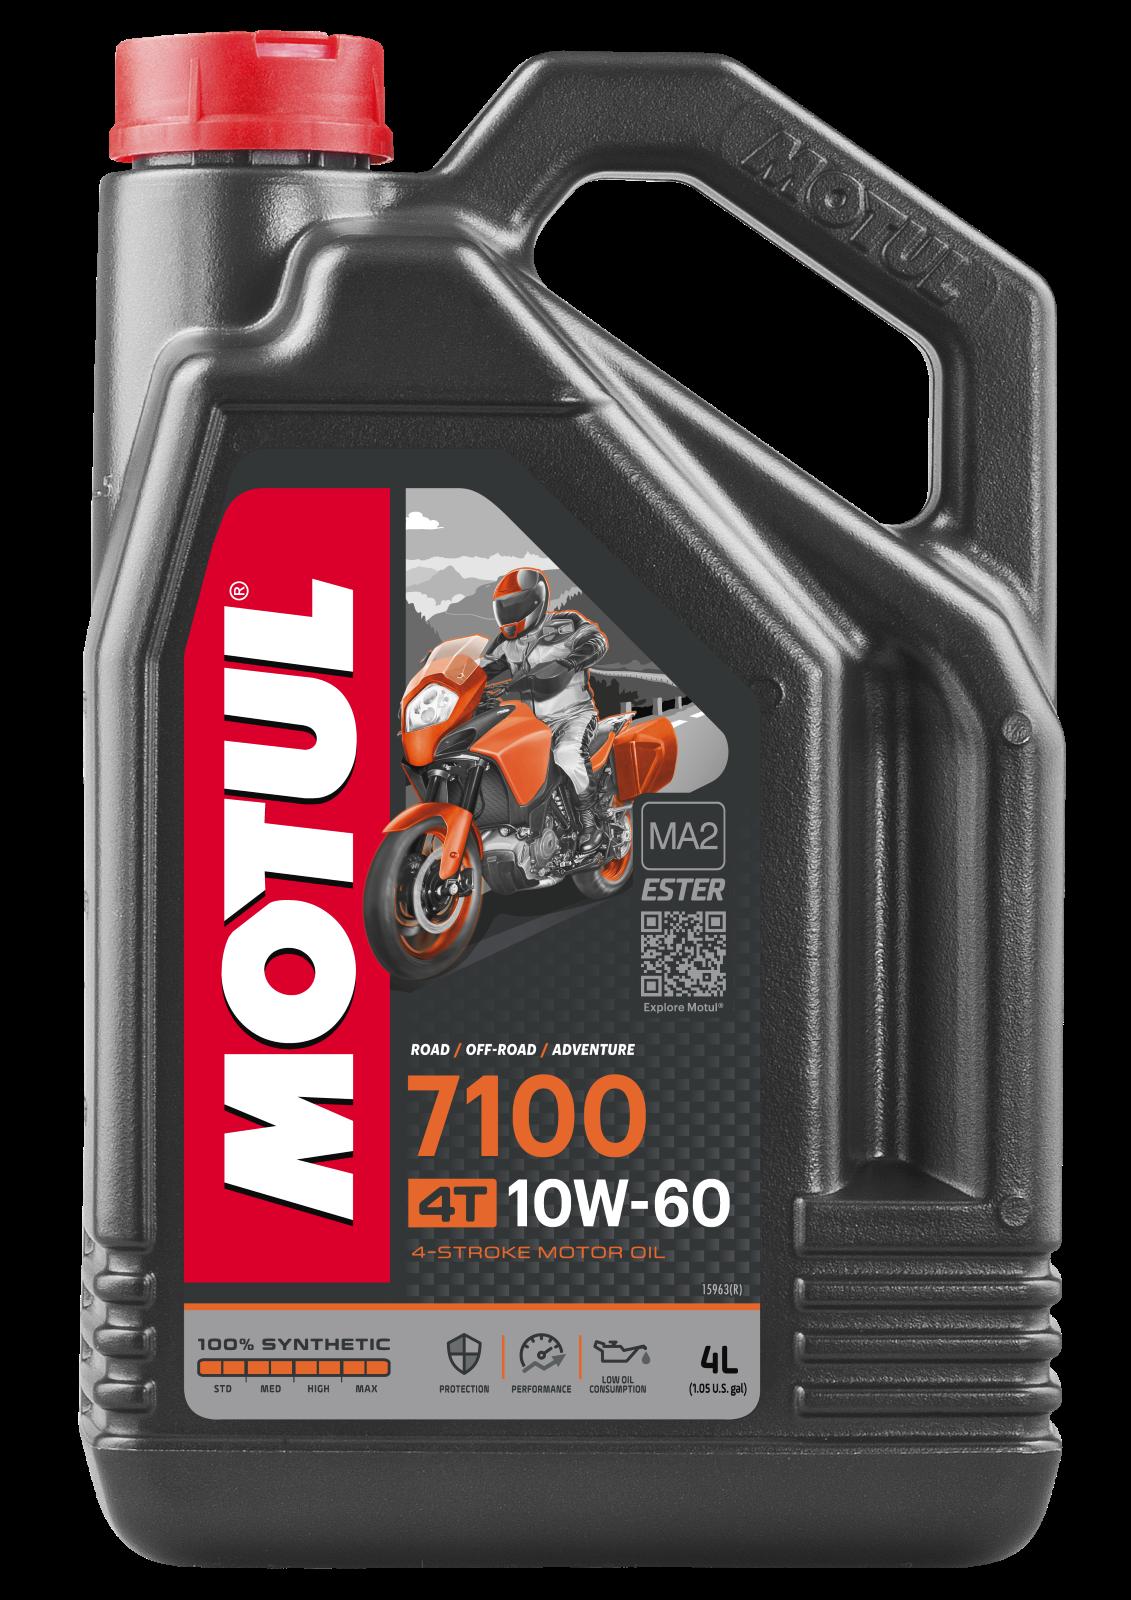 MOTUL AG MOTUL 7100 4T 10W-60 4L